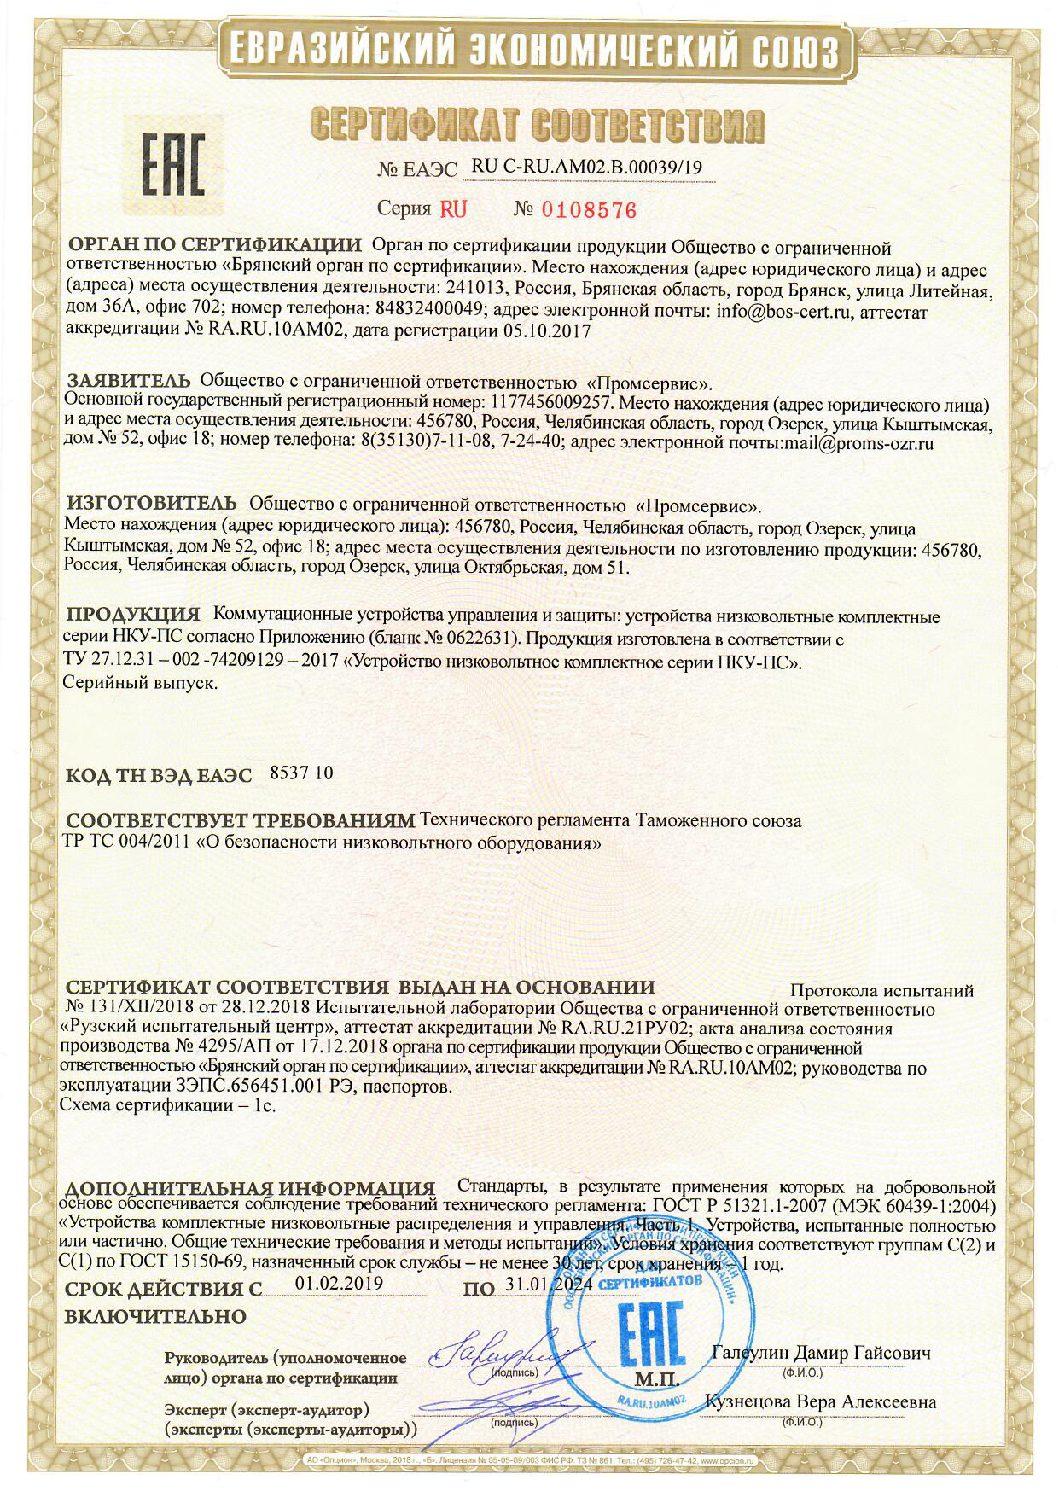 Сертификат соответствия (Евразийский экономический союз)